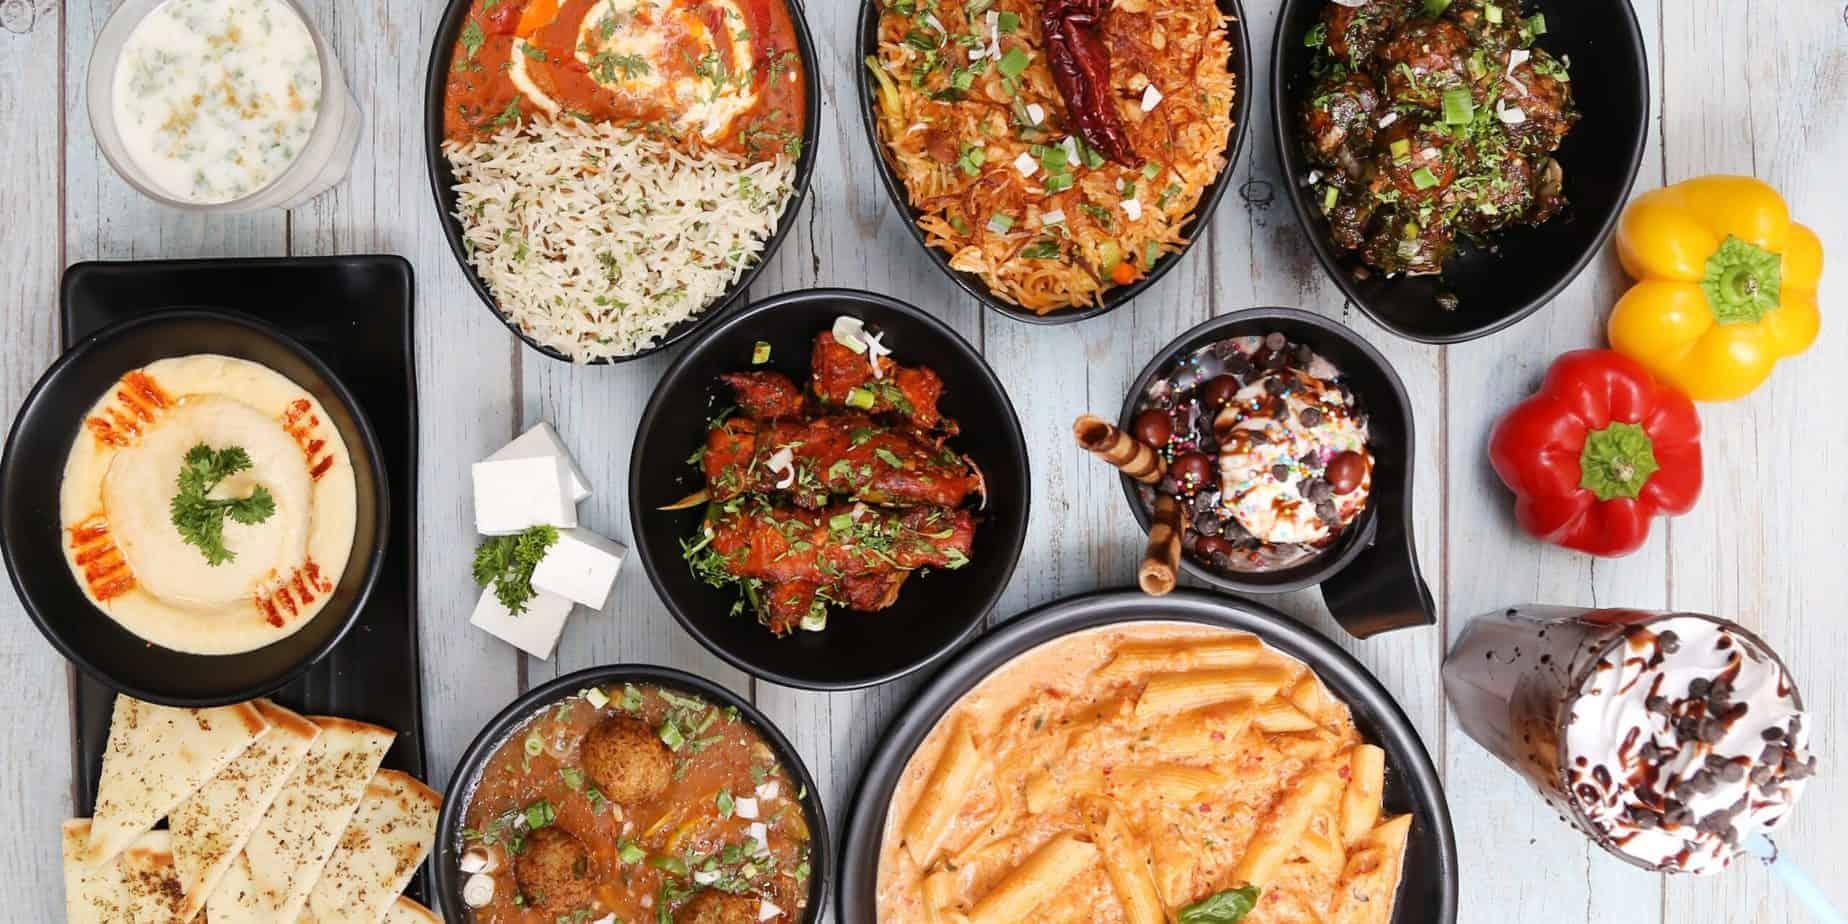 الغذائي الهندي لفقدان الوزن scaled